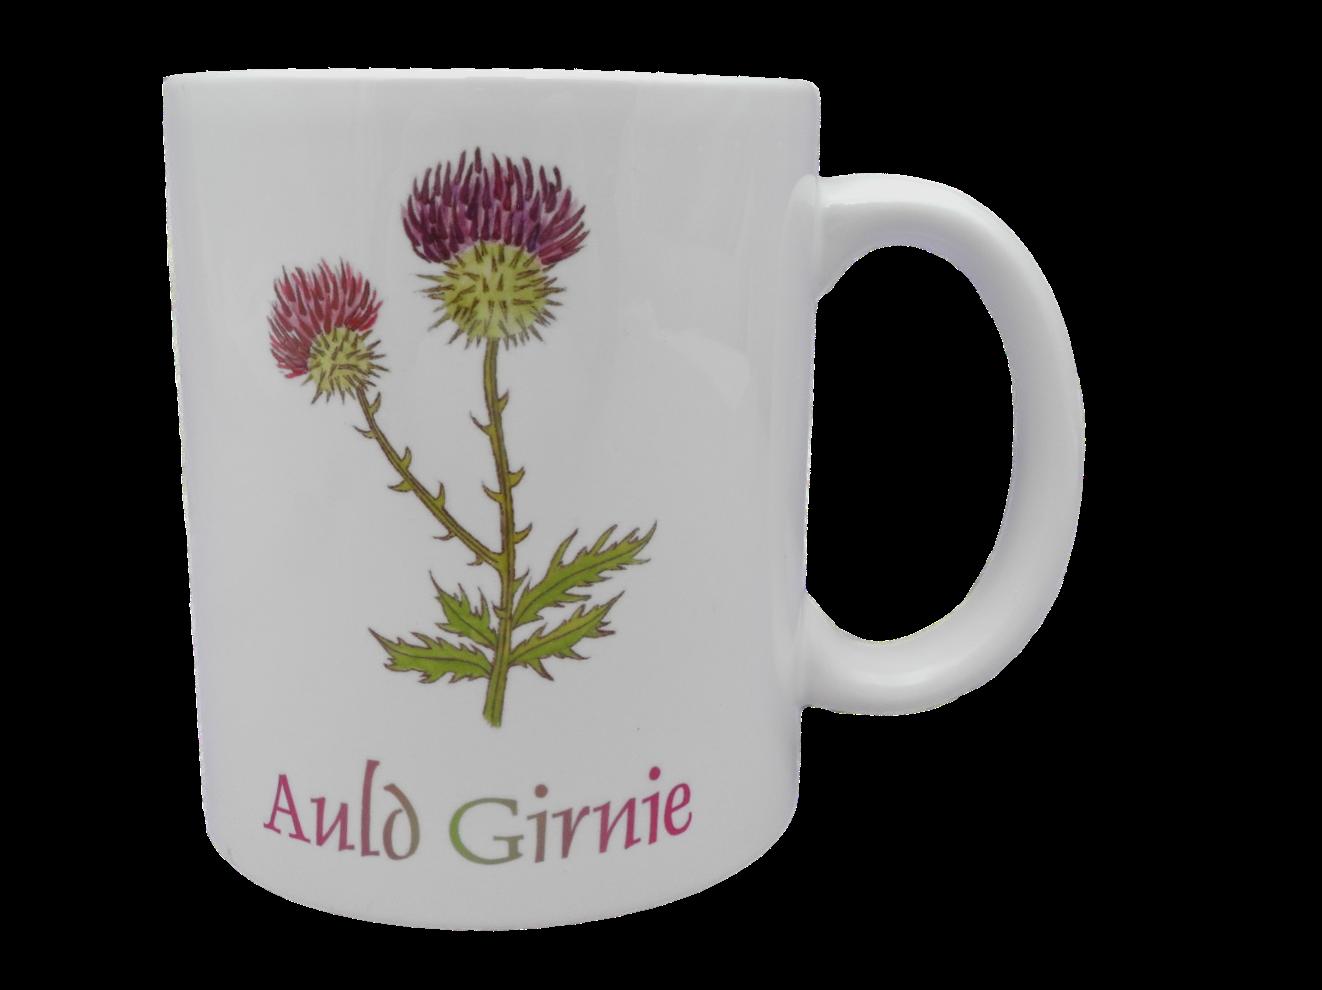 Scottish mug thistle scots language doric auld girnie